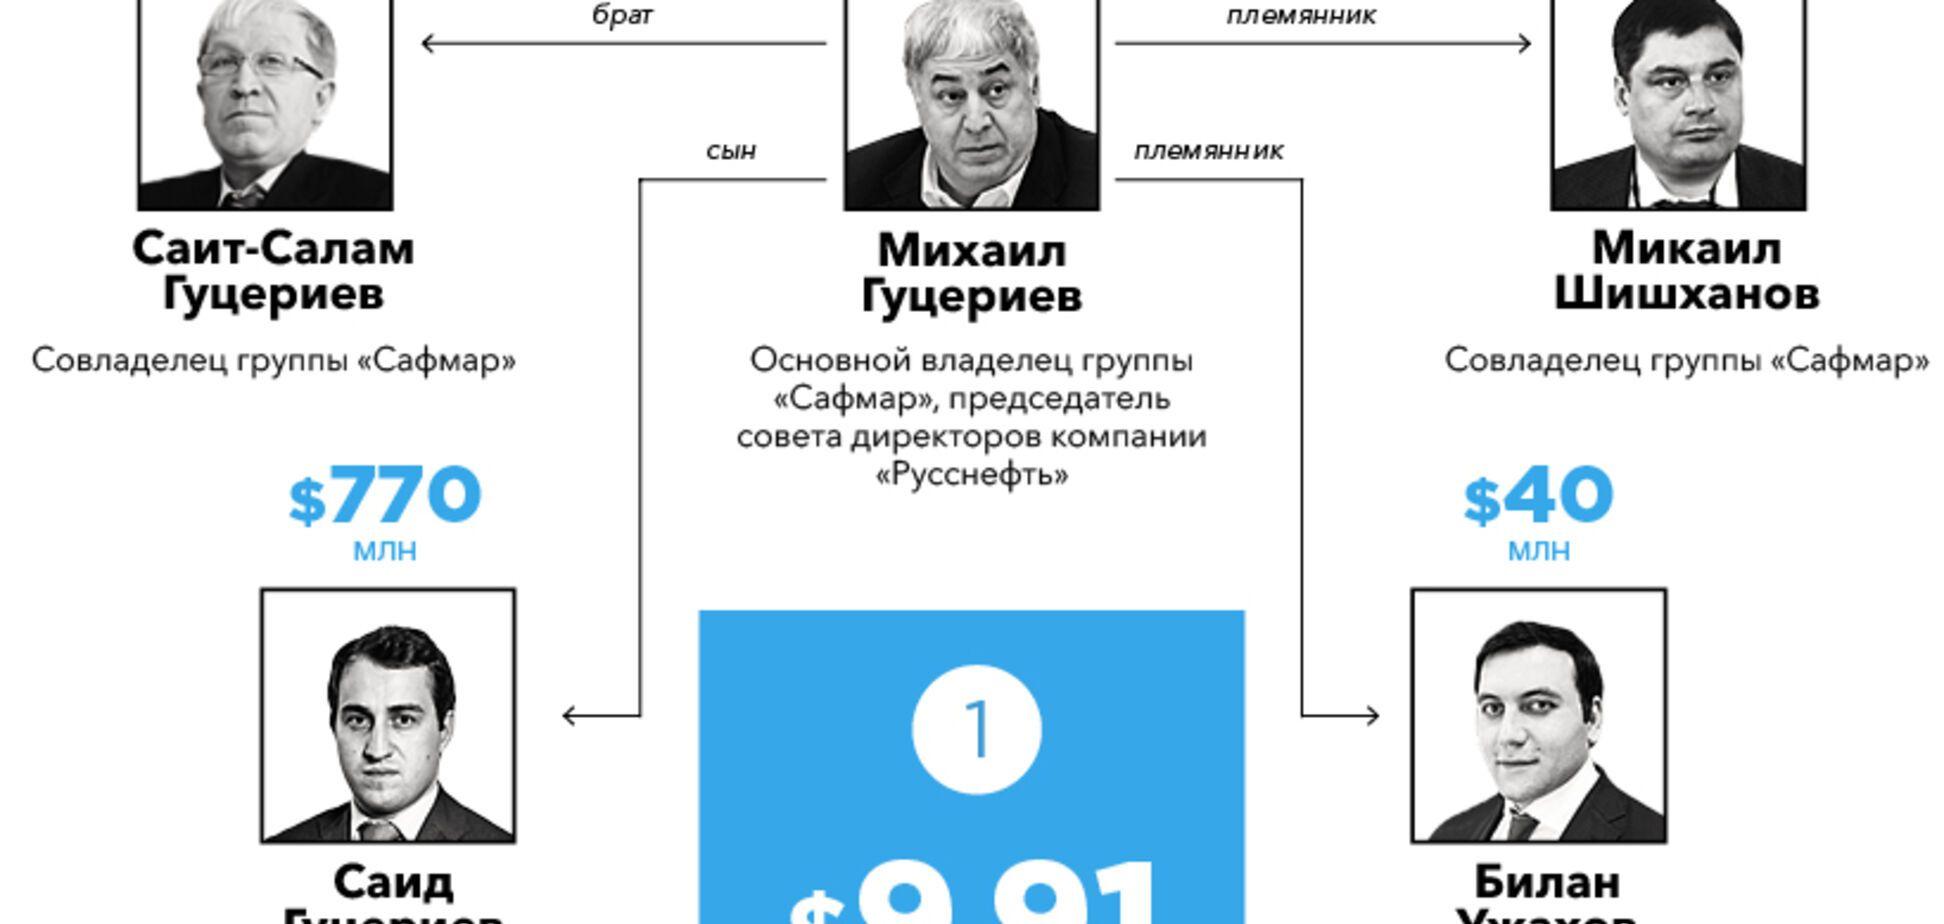 Зятя Путіна не обділили: Forbes назвав найбагатші клани Росії